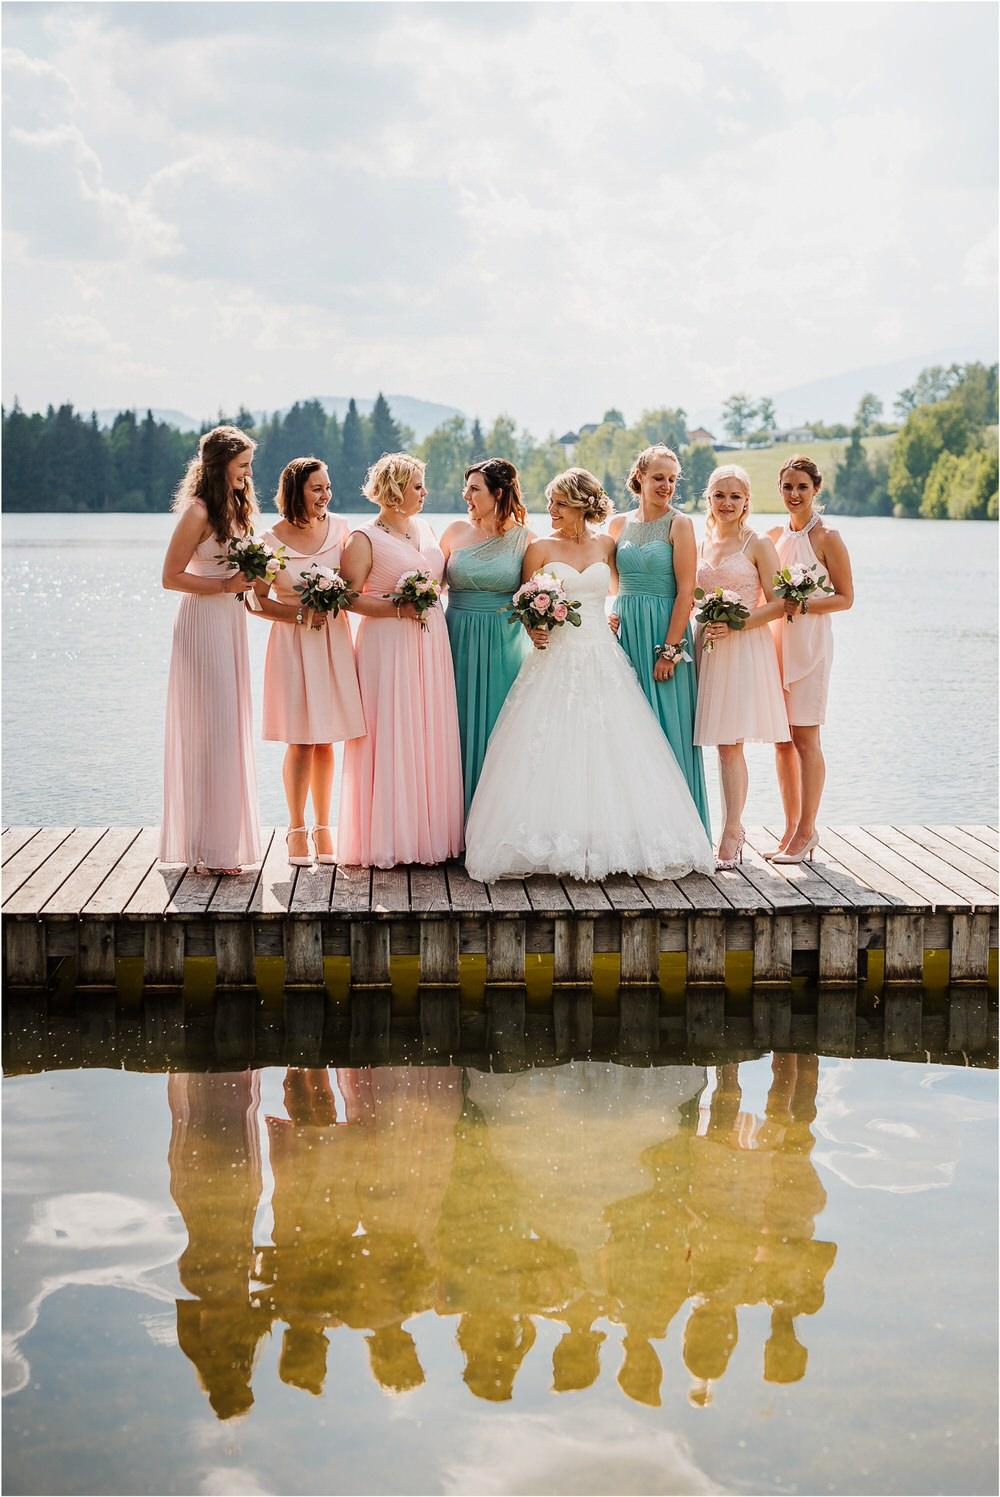 trippelgut kaernten oesterreich hochzeit fotograf phtoographer austria elegant wedding hochzeitsfotograf hochzeitsfotografie 0084.jpg